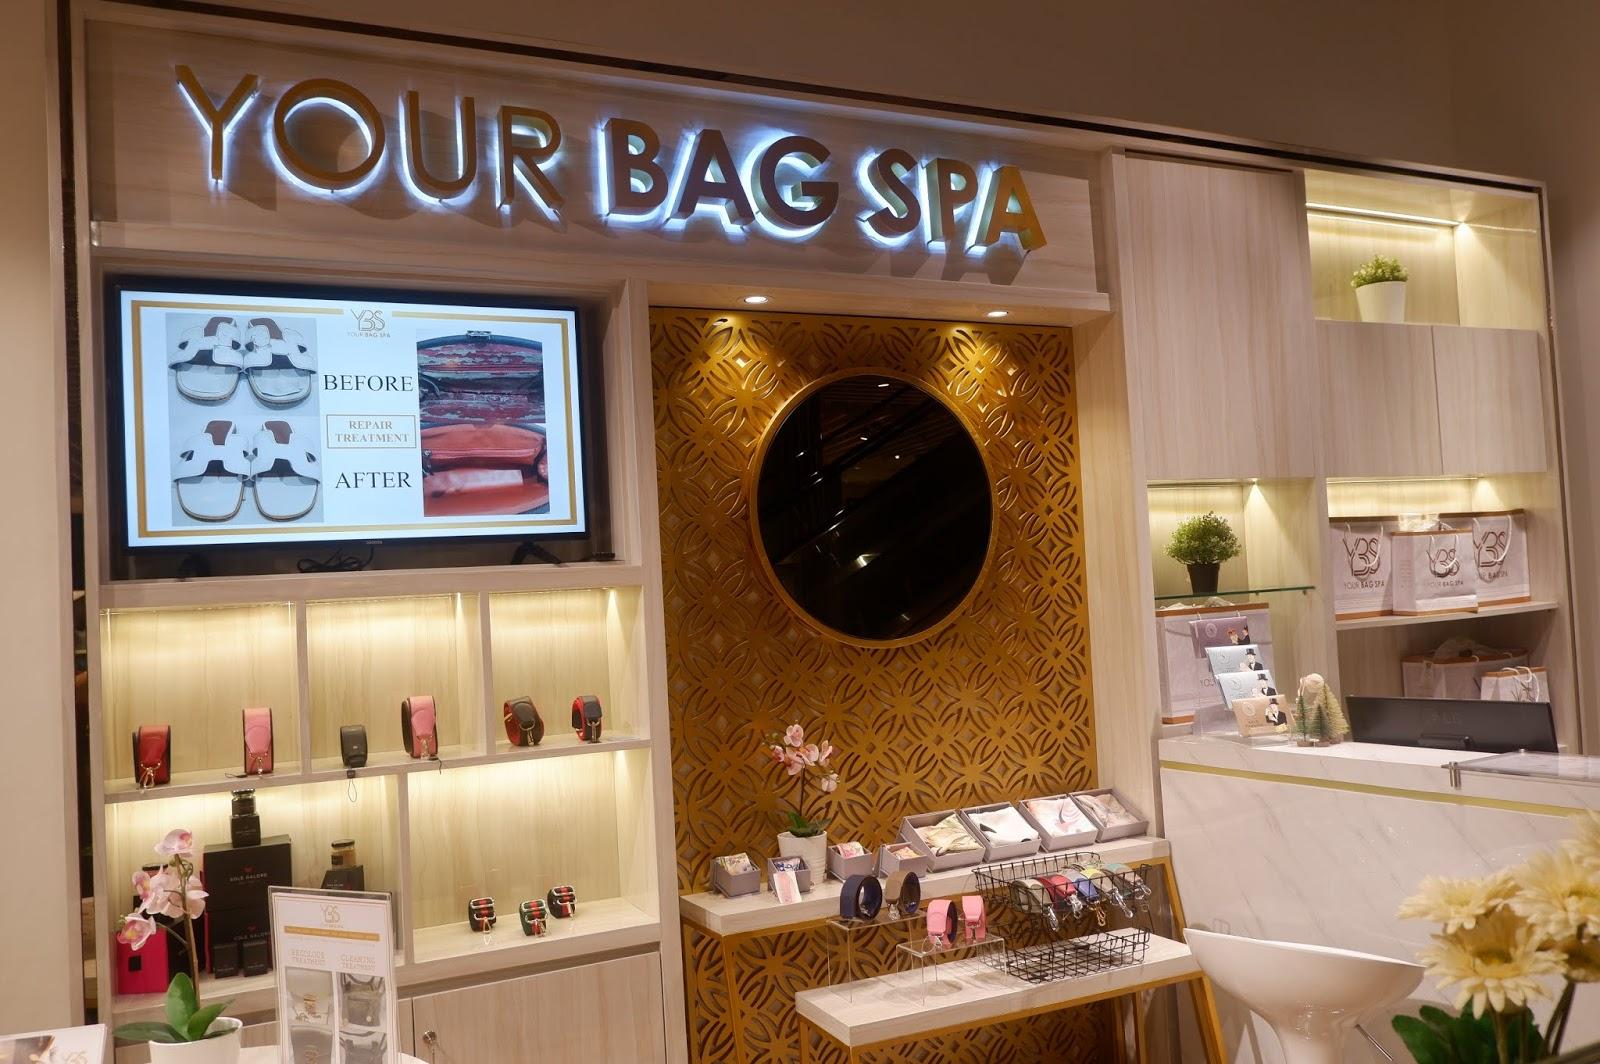 e926b948c Your Bag Spa: Pilihan Cuci Sepatu di Jakarta | utoTIA Beauty Blog